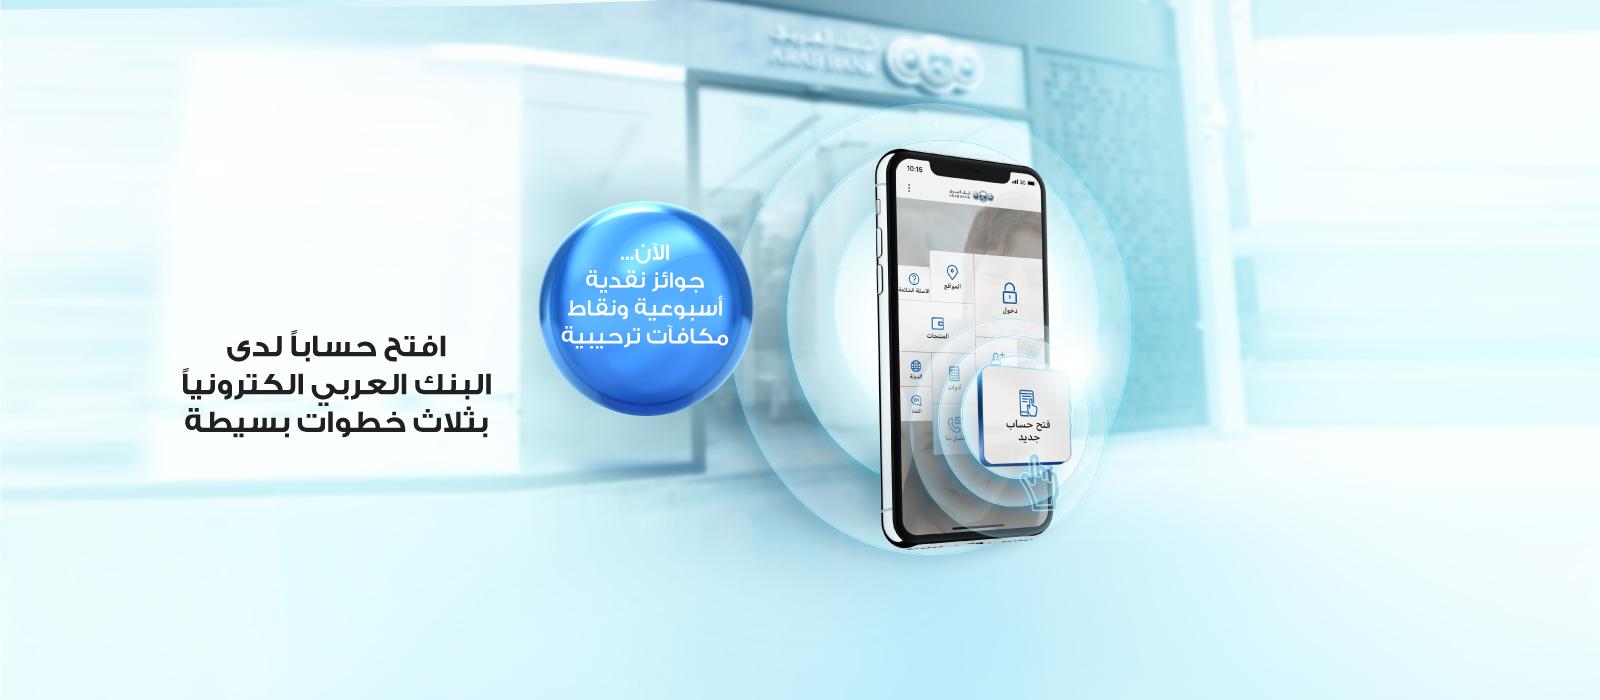 فتح حساب البنك العربي الكترونيا